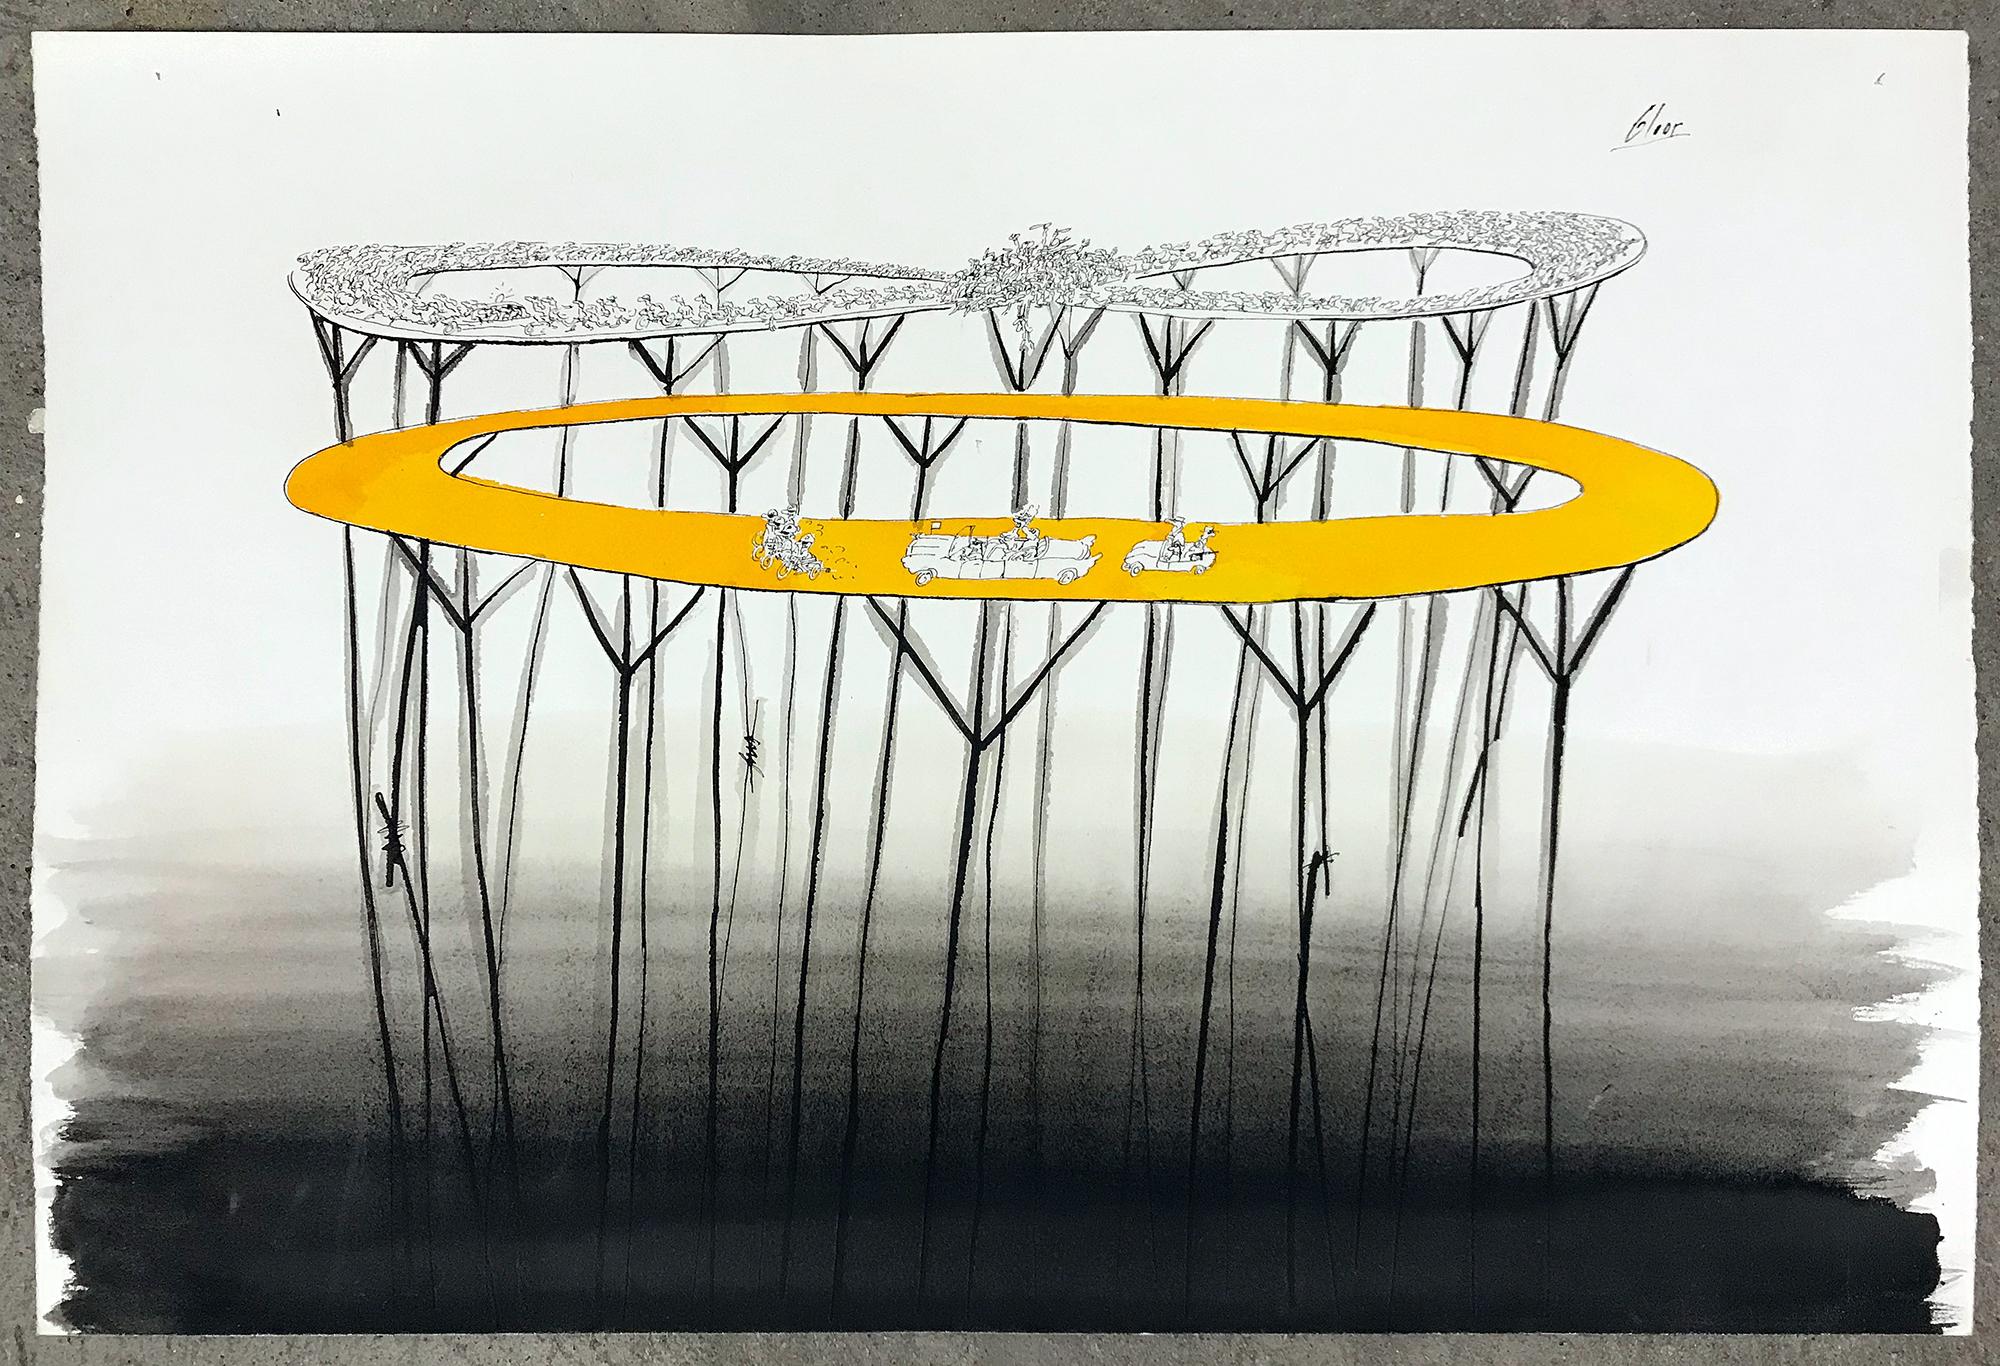 Kreiselverkehr, o.D., Mischtechnik auf Papier, 50 x 33 cm, ohne Rahmen